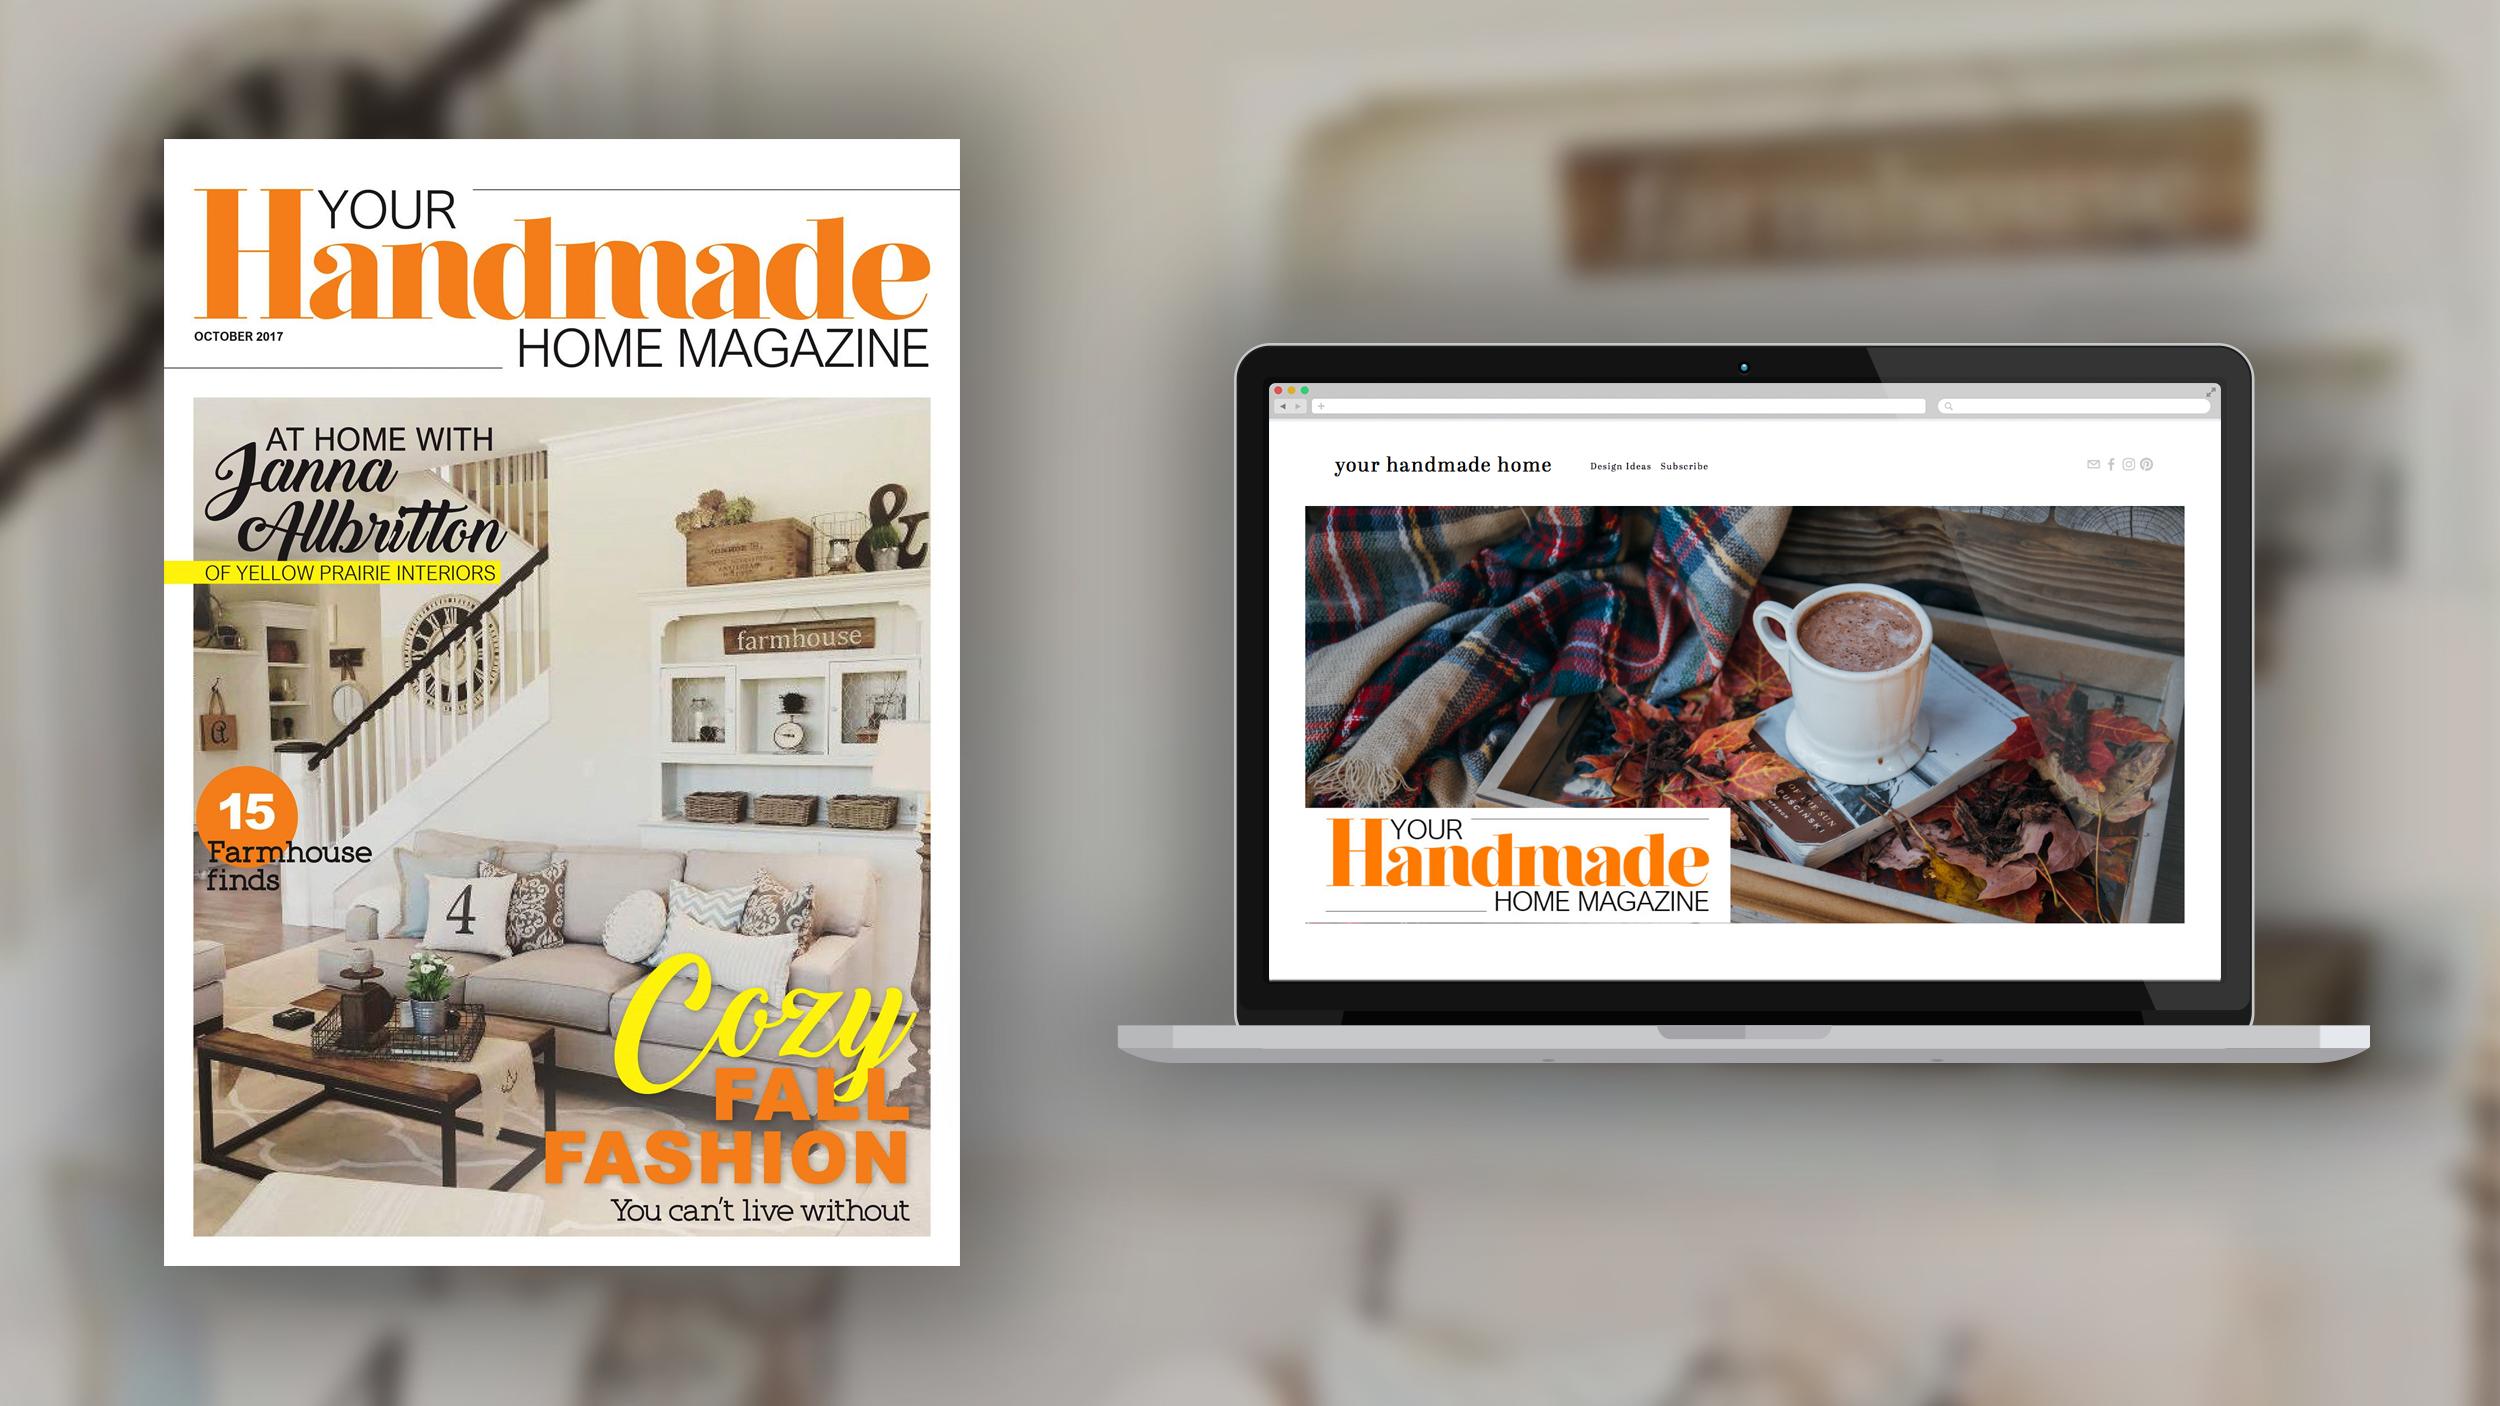 Your Handmade Home Magazine - MagazineLaunch